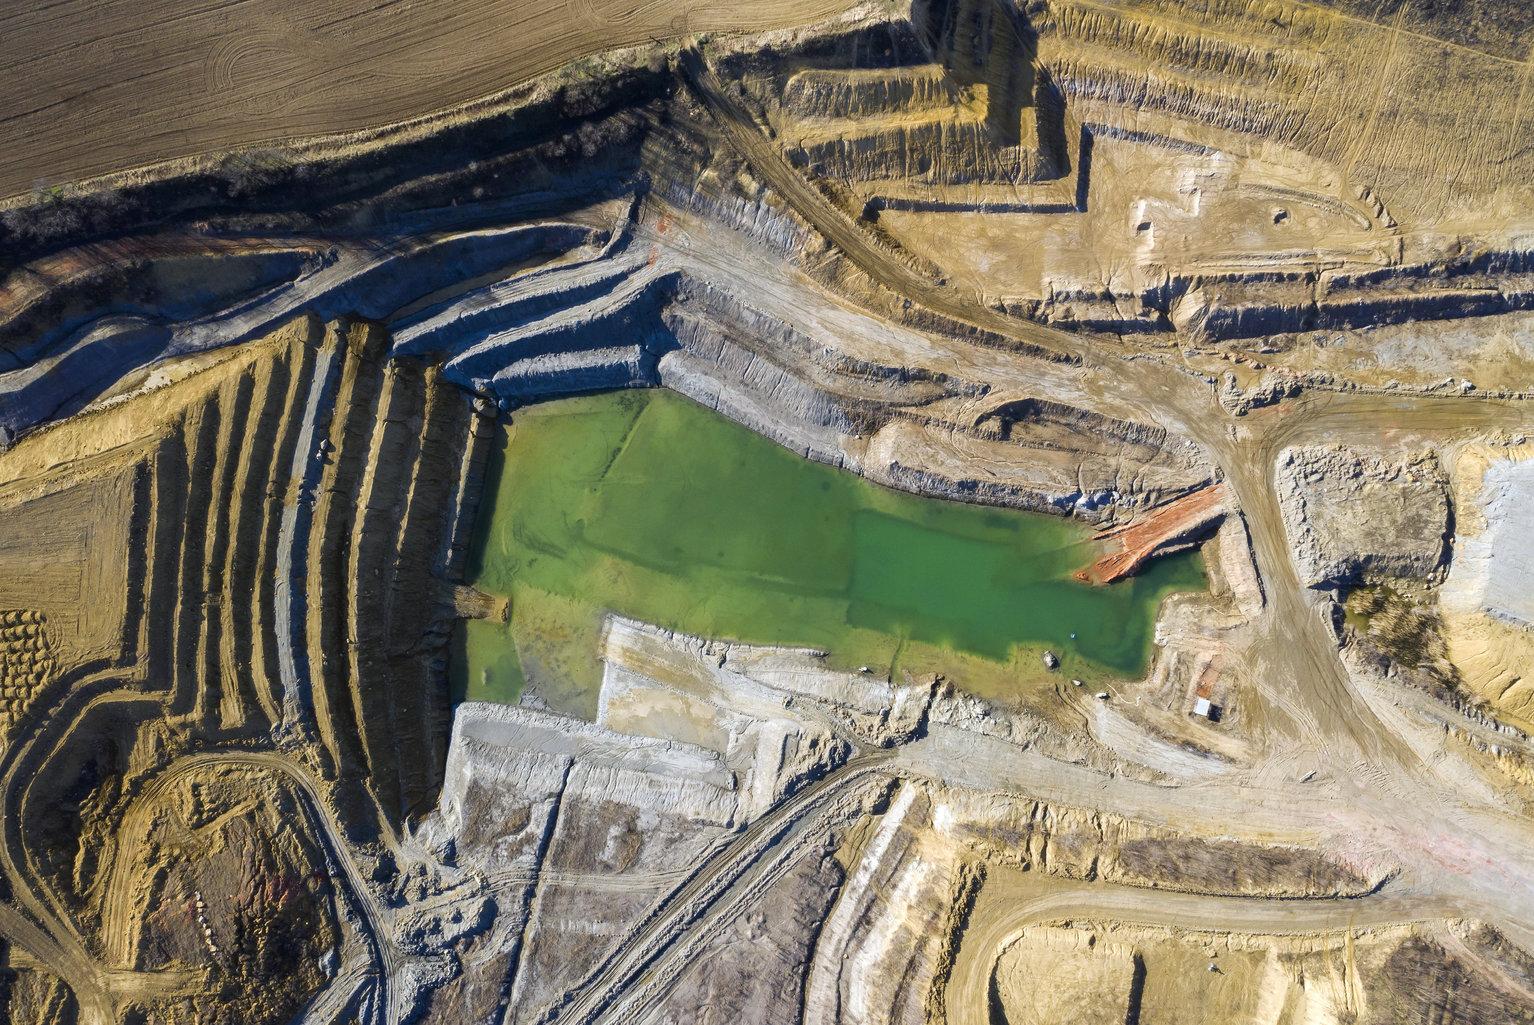 Pilisborosjenő, 2019. március 22. Bányató Pilisborosjenő közelében 2019. március 20-án. Az ENSZ március 22-ét nyilvánította a víz világnapjává, amelynek célja a környezet és ezen belül a Föld vízkészletének védelme. MTI/Mohai Balázs